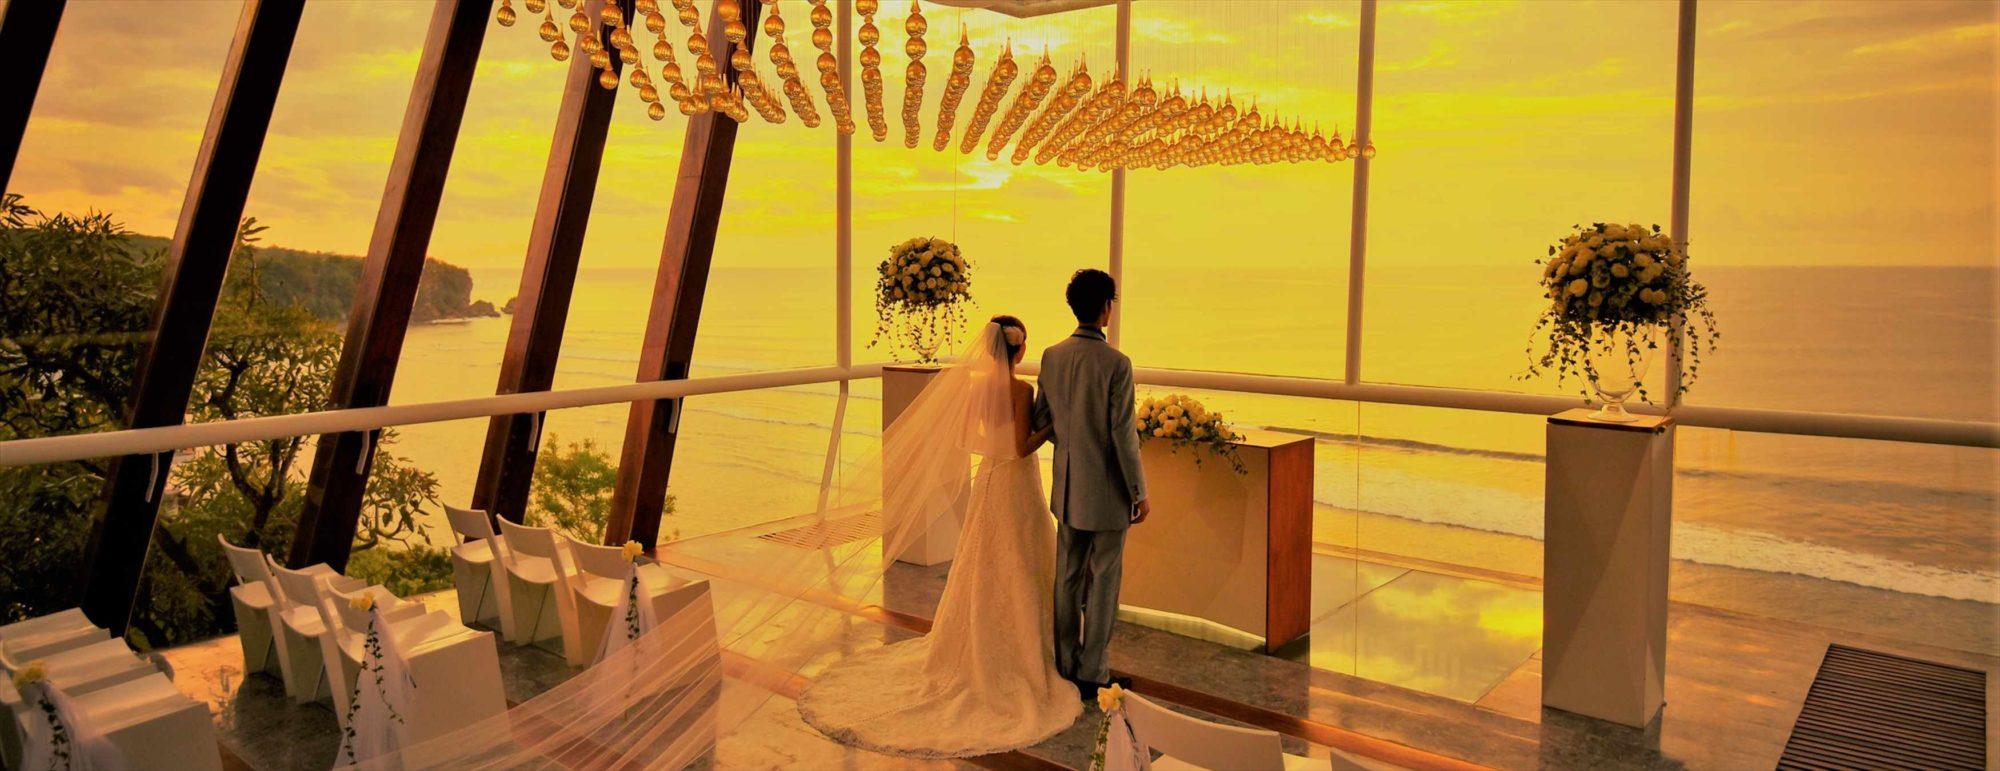 バリ島チャペル・サンセット・ウェディング アナンタラ・ウルワツ チャペル挙式 Dewa Dewi Chapel at Anantara Uluwatu Sunset Wedding